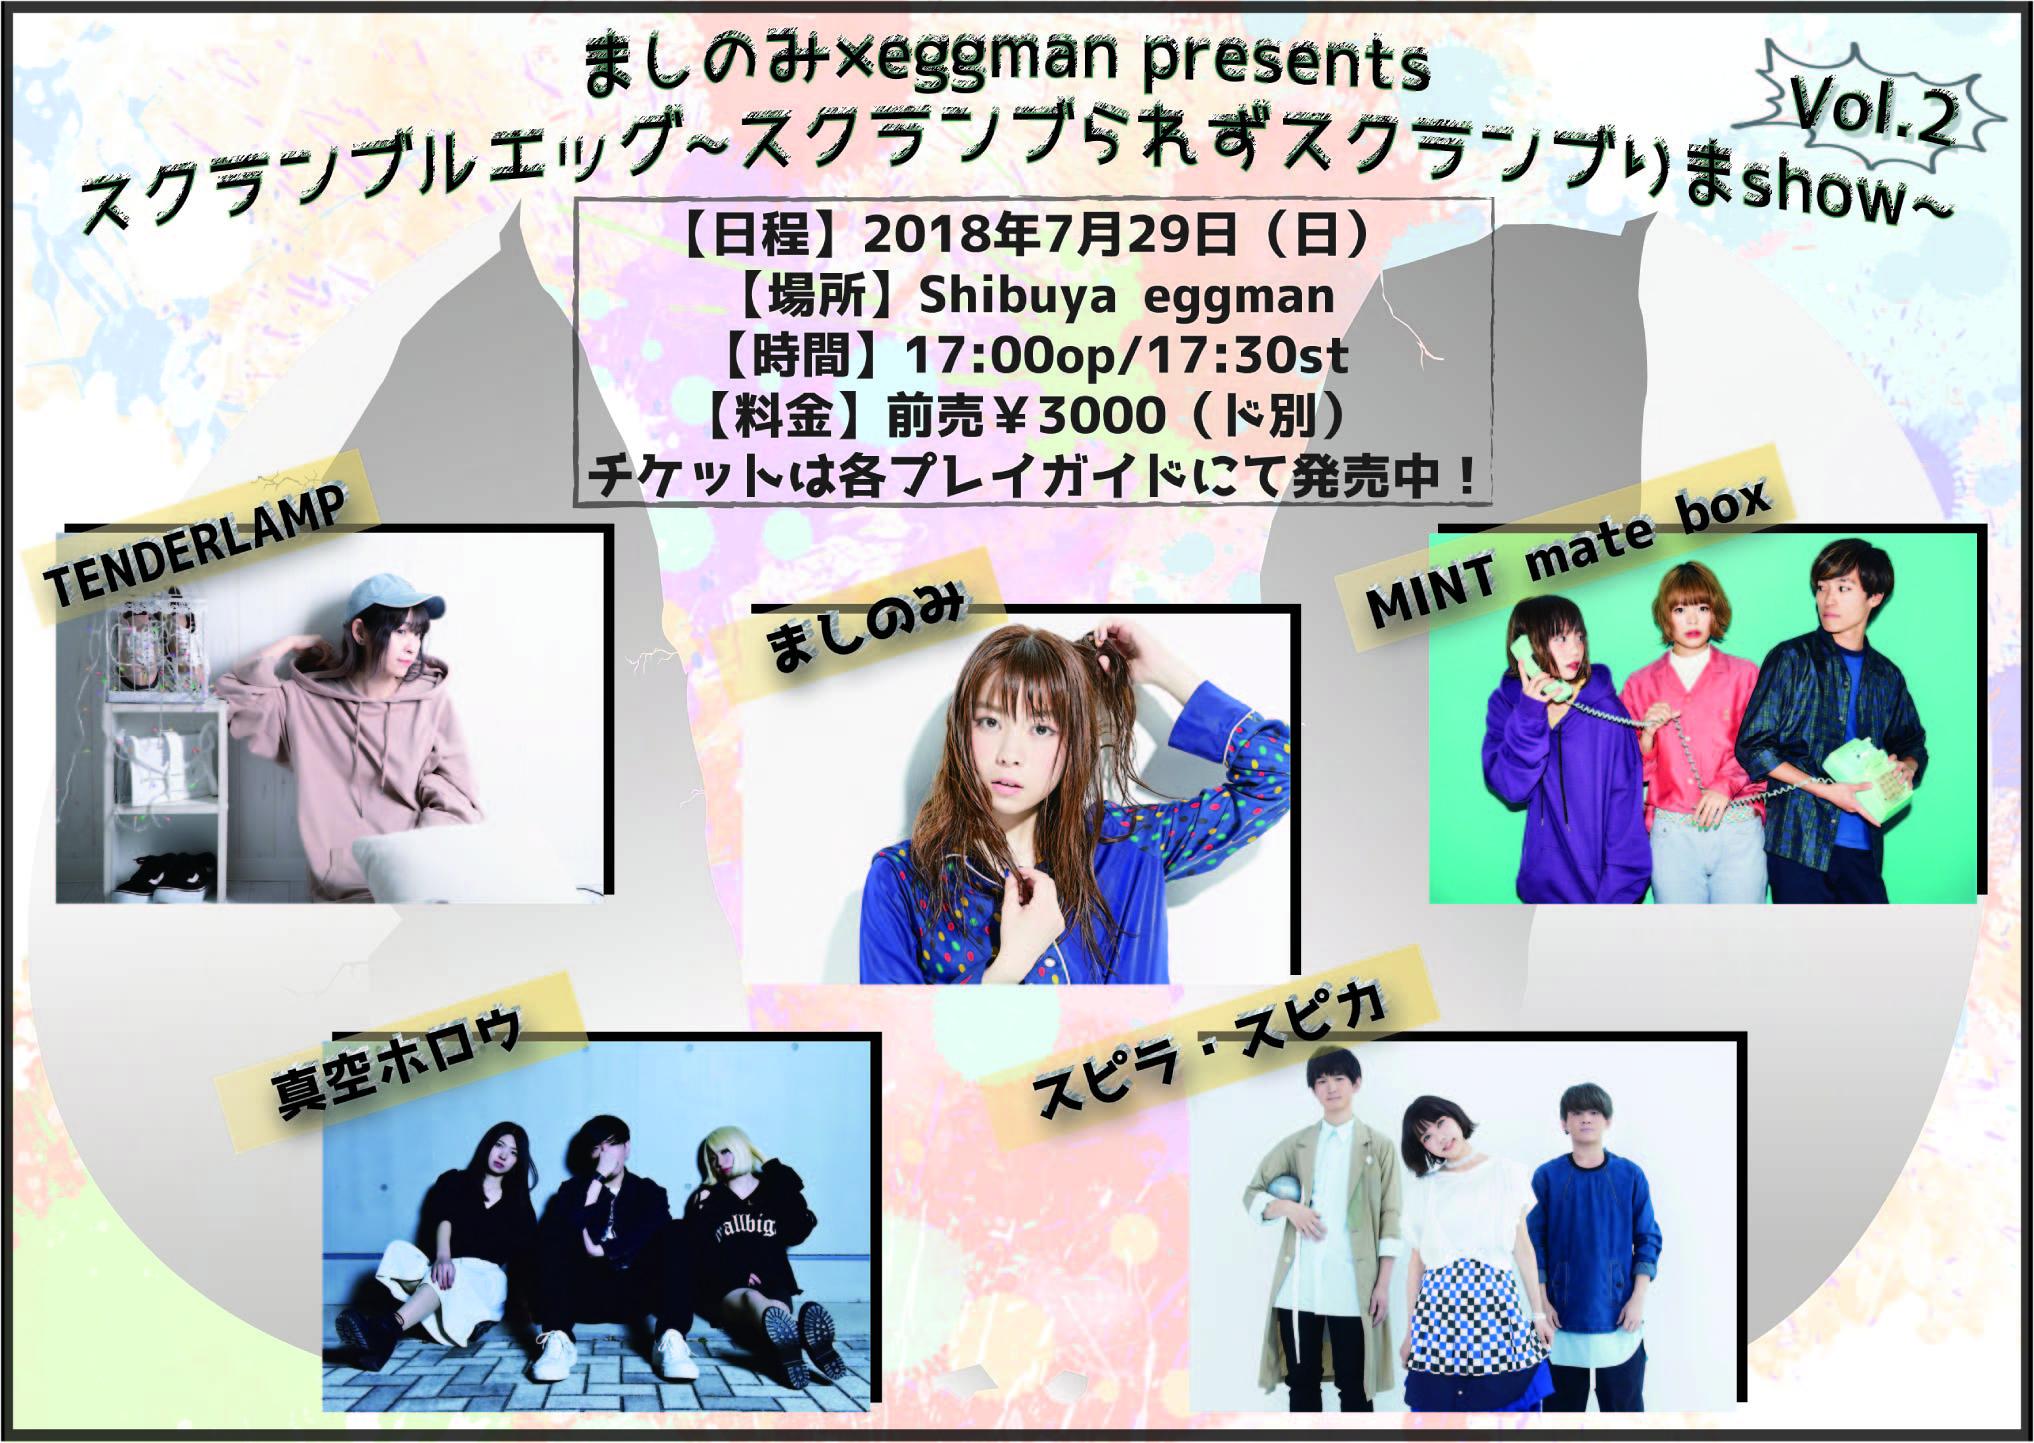 ましのみ×eggman presents 「スクランブルエッグ 〜スクランブられずスクランブりまshow〜」vol.2